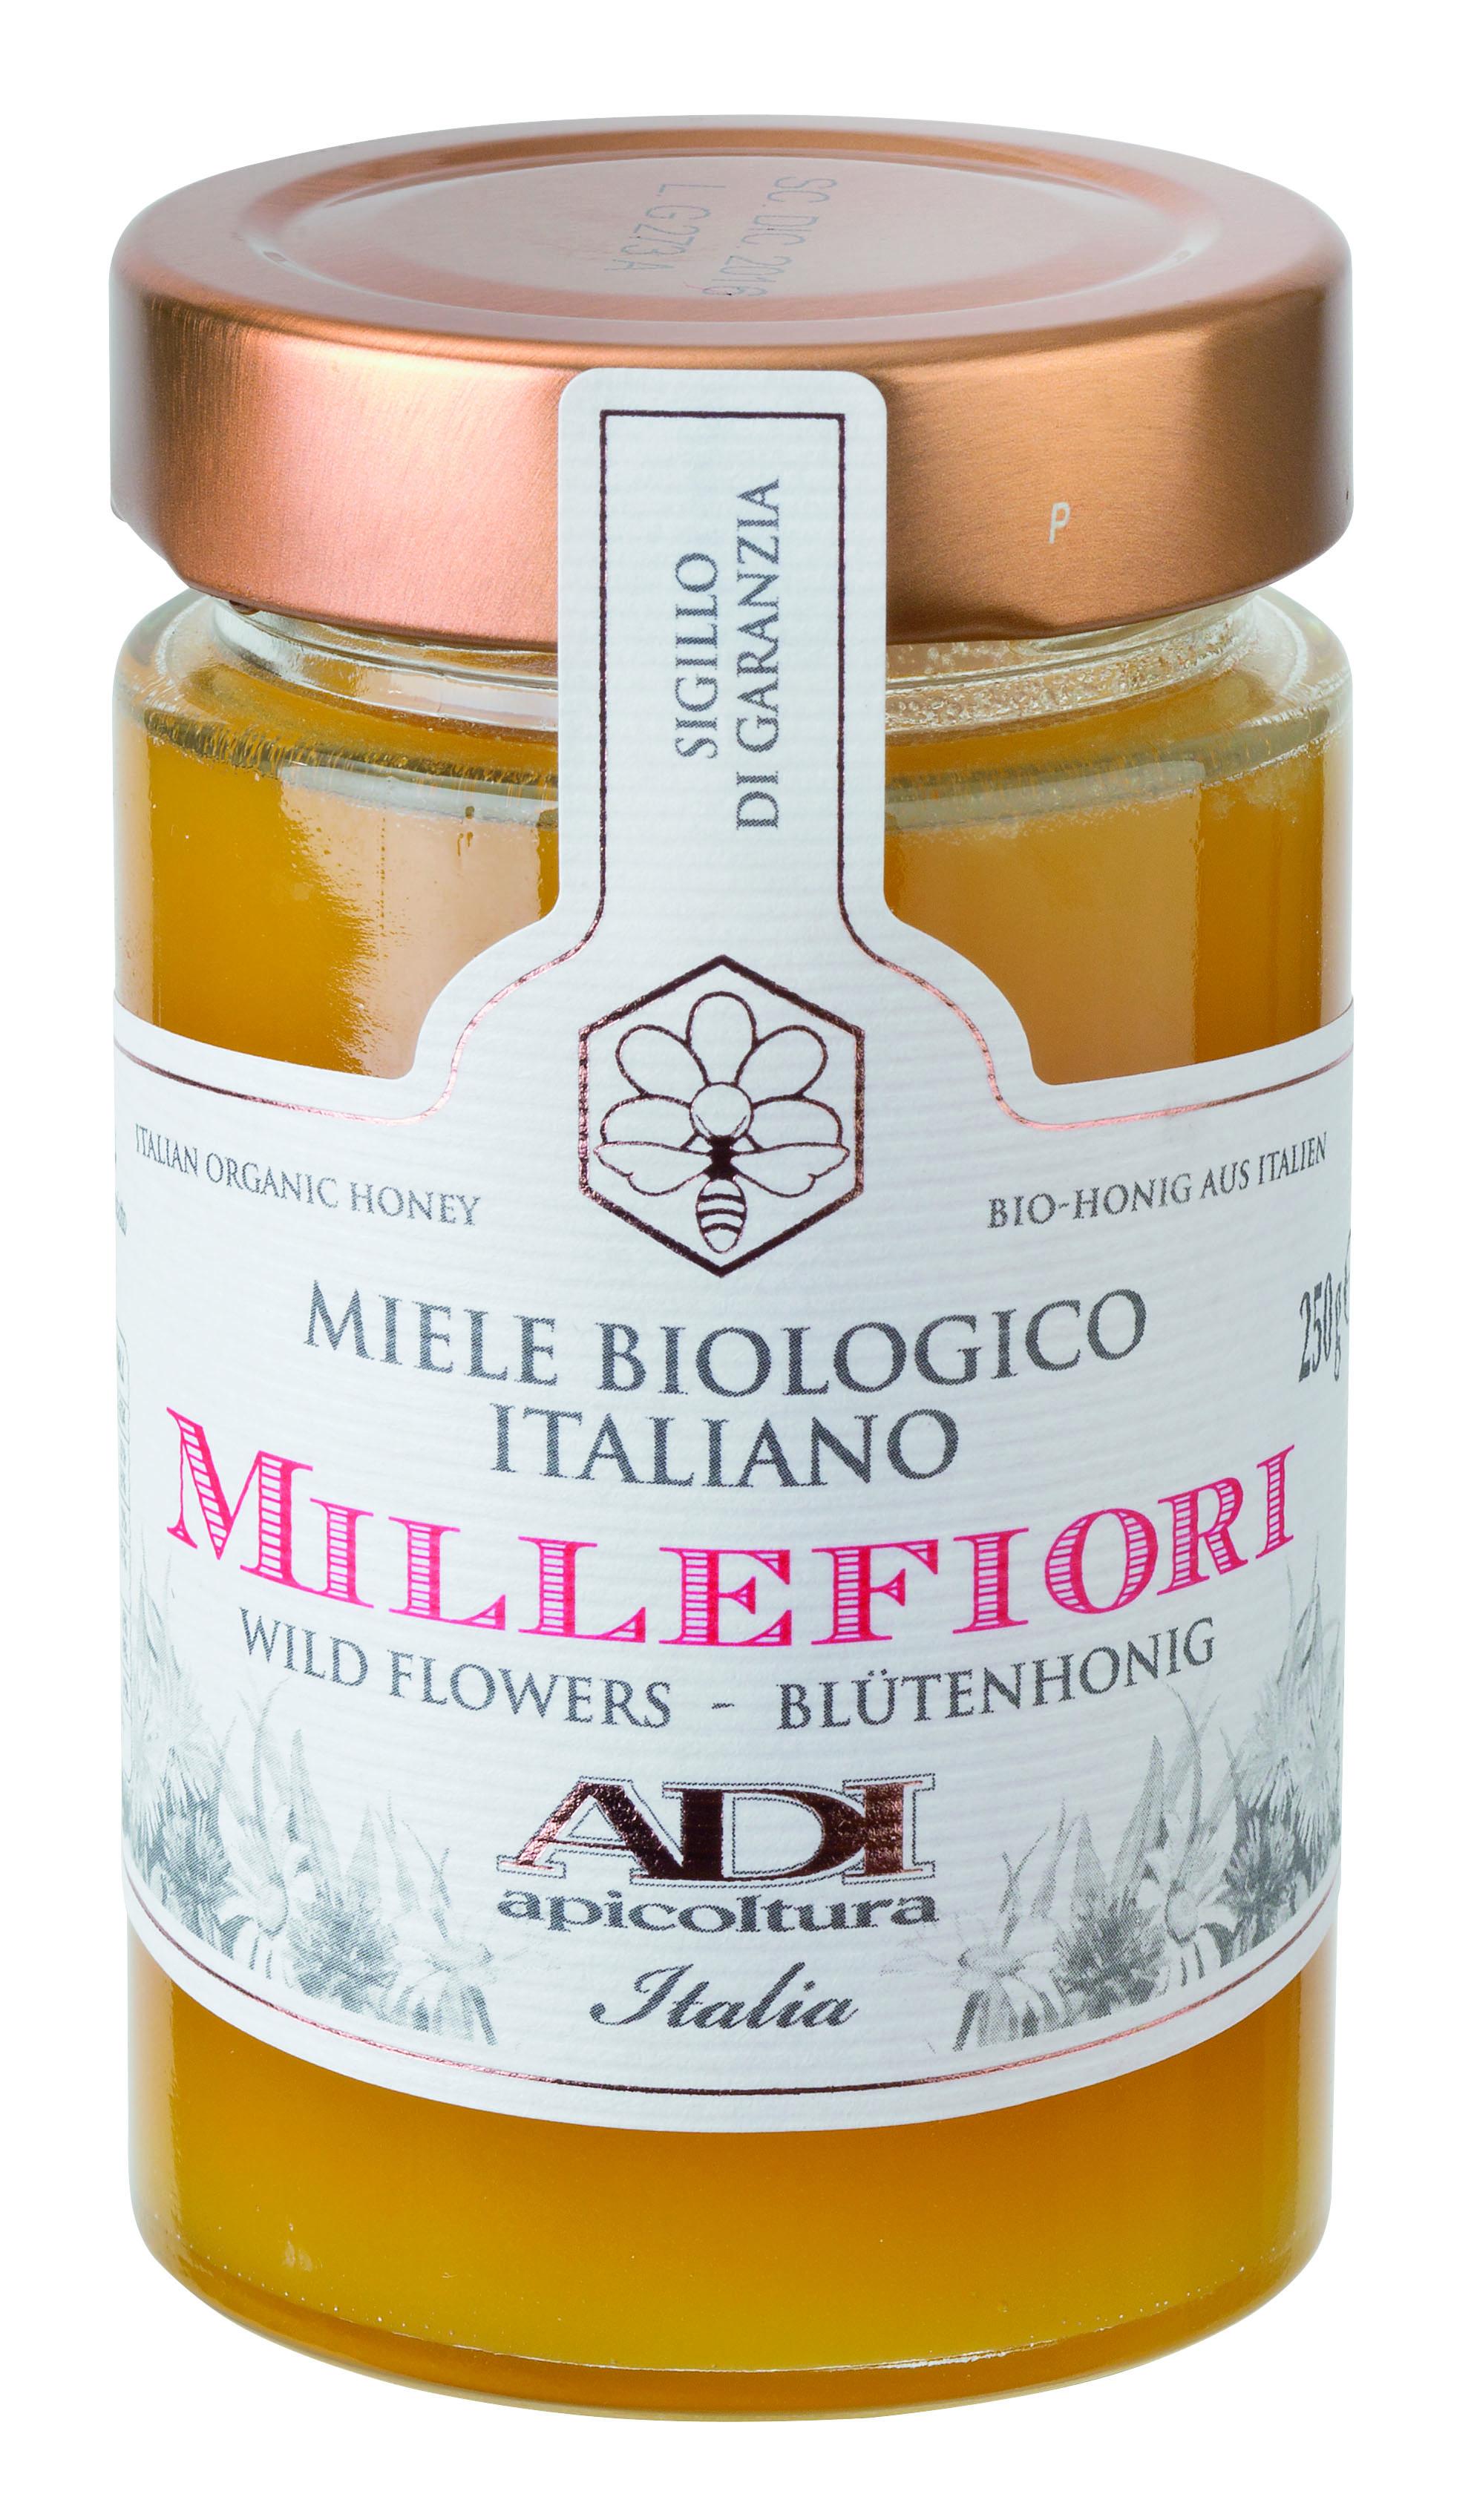 Miele di millefiori bio 250 g Glas Adi